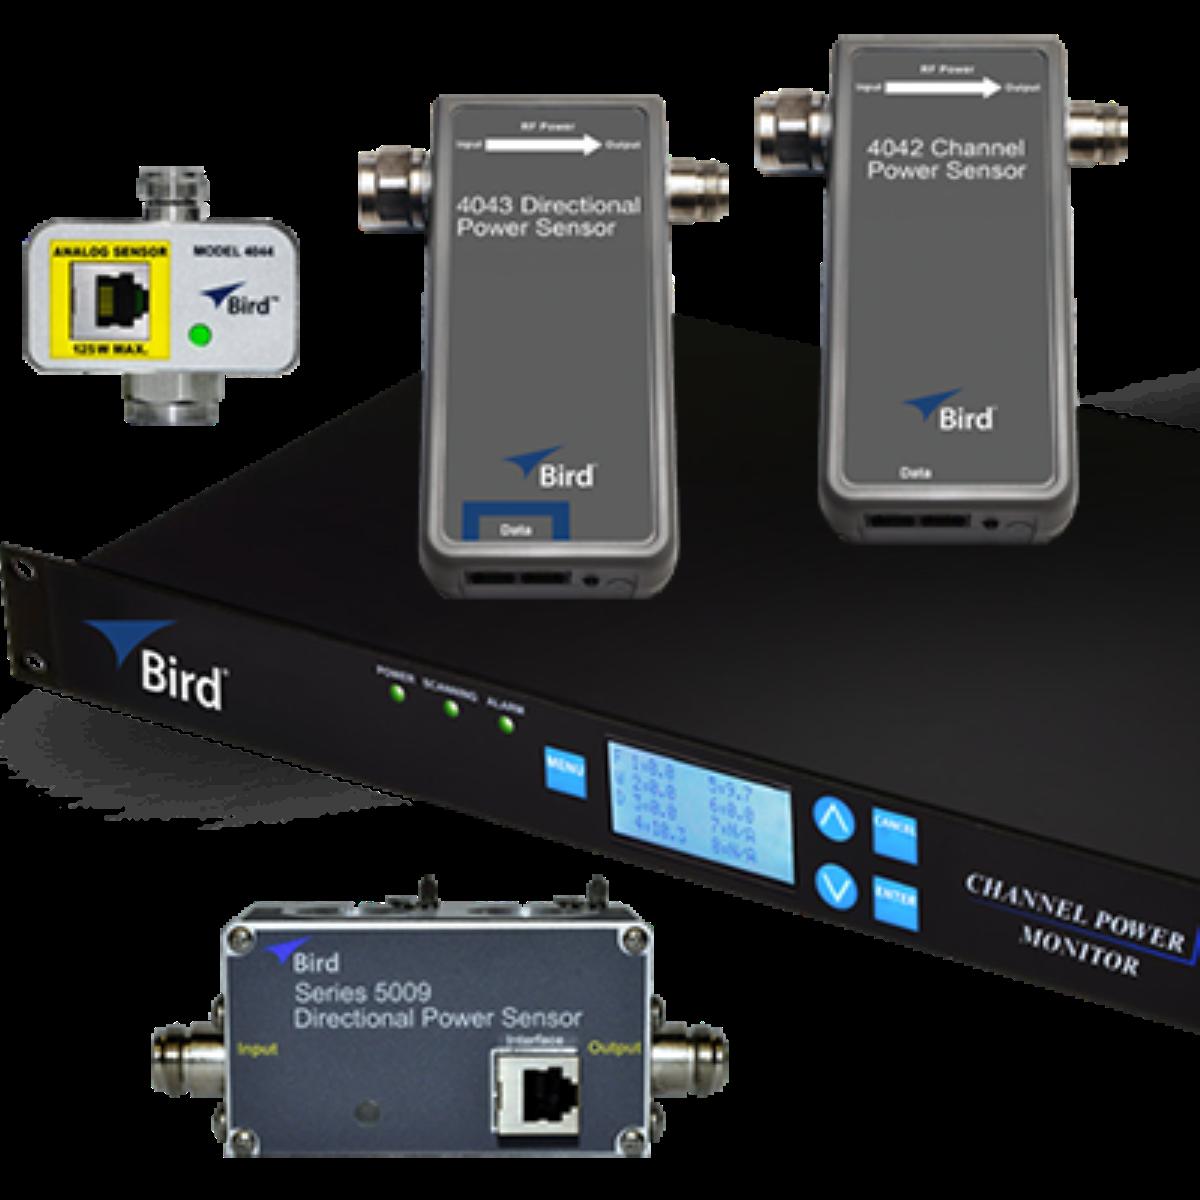 Sistema de monitoreo de potencia del canal SERIE CPM Mod-3141 Serie-CPM-Mod-3141